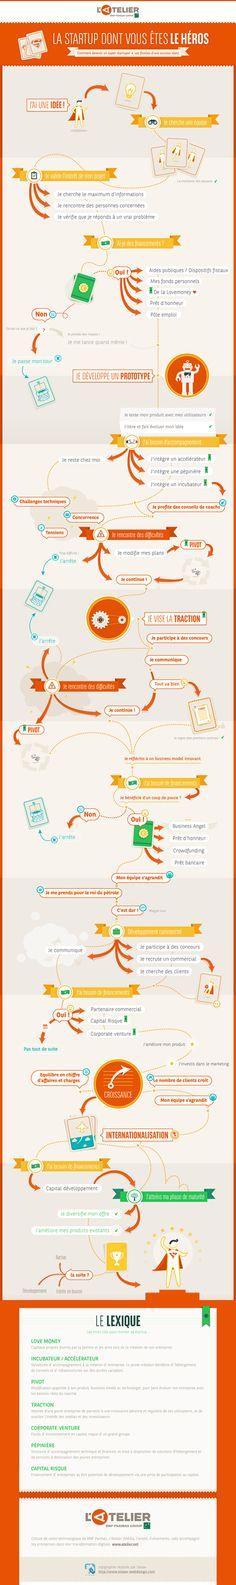 Comment devenir un super startupeur - infographie de L'Atelier BNP Paribas #Startup